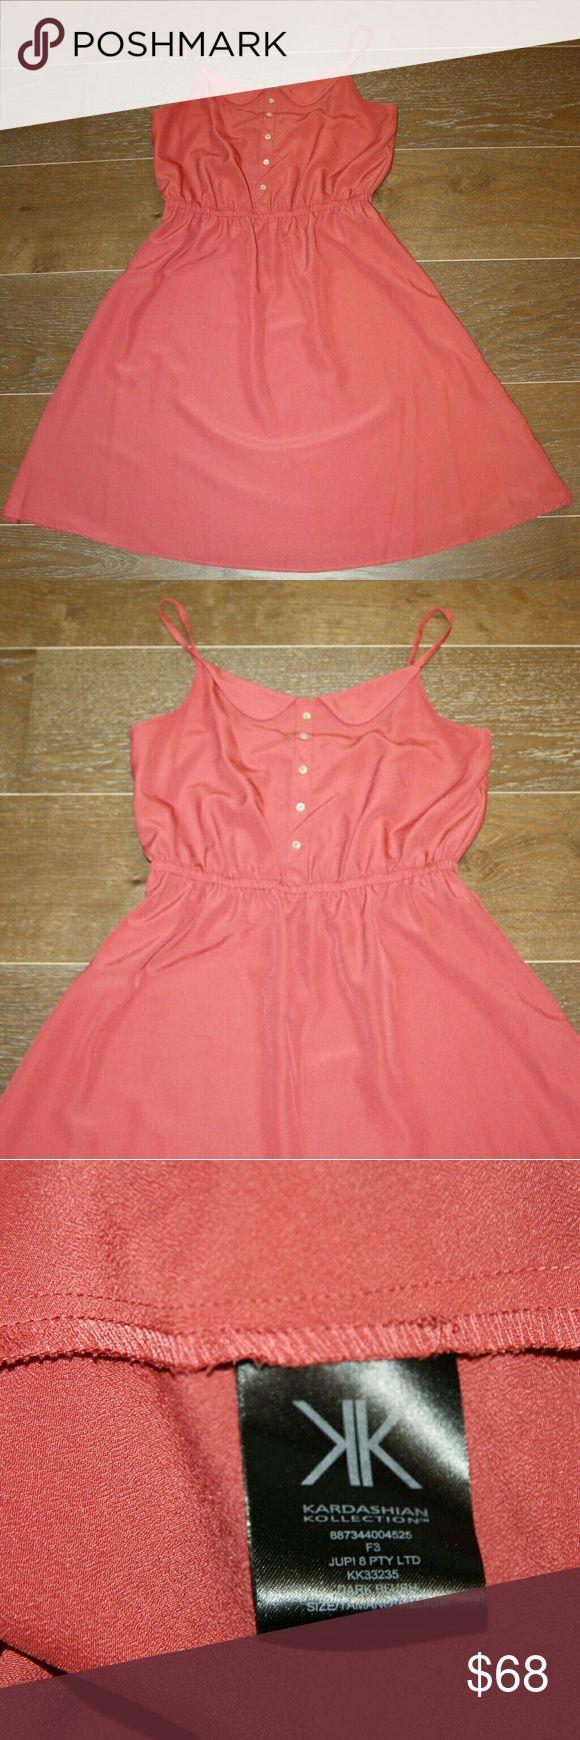 Kardashian Kollection Strappy Dress NWOT Kardashian Kollection Strappy Dress NWOT Color: Persimmon Kardashian Kollection Dresses Mini